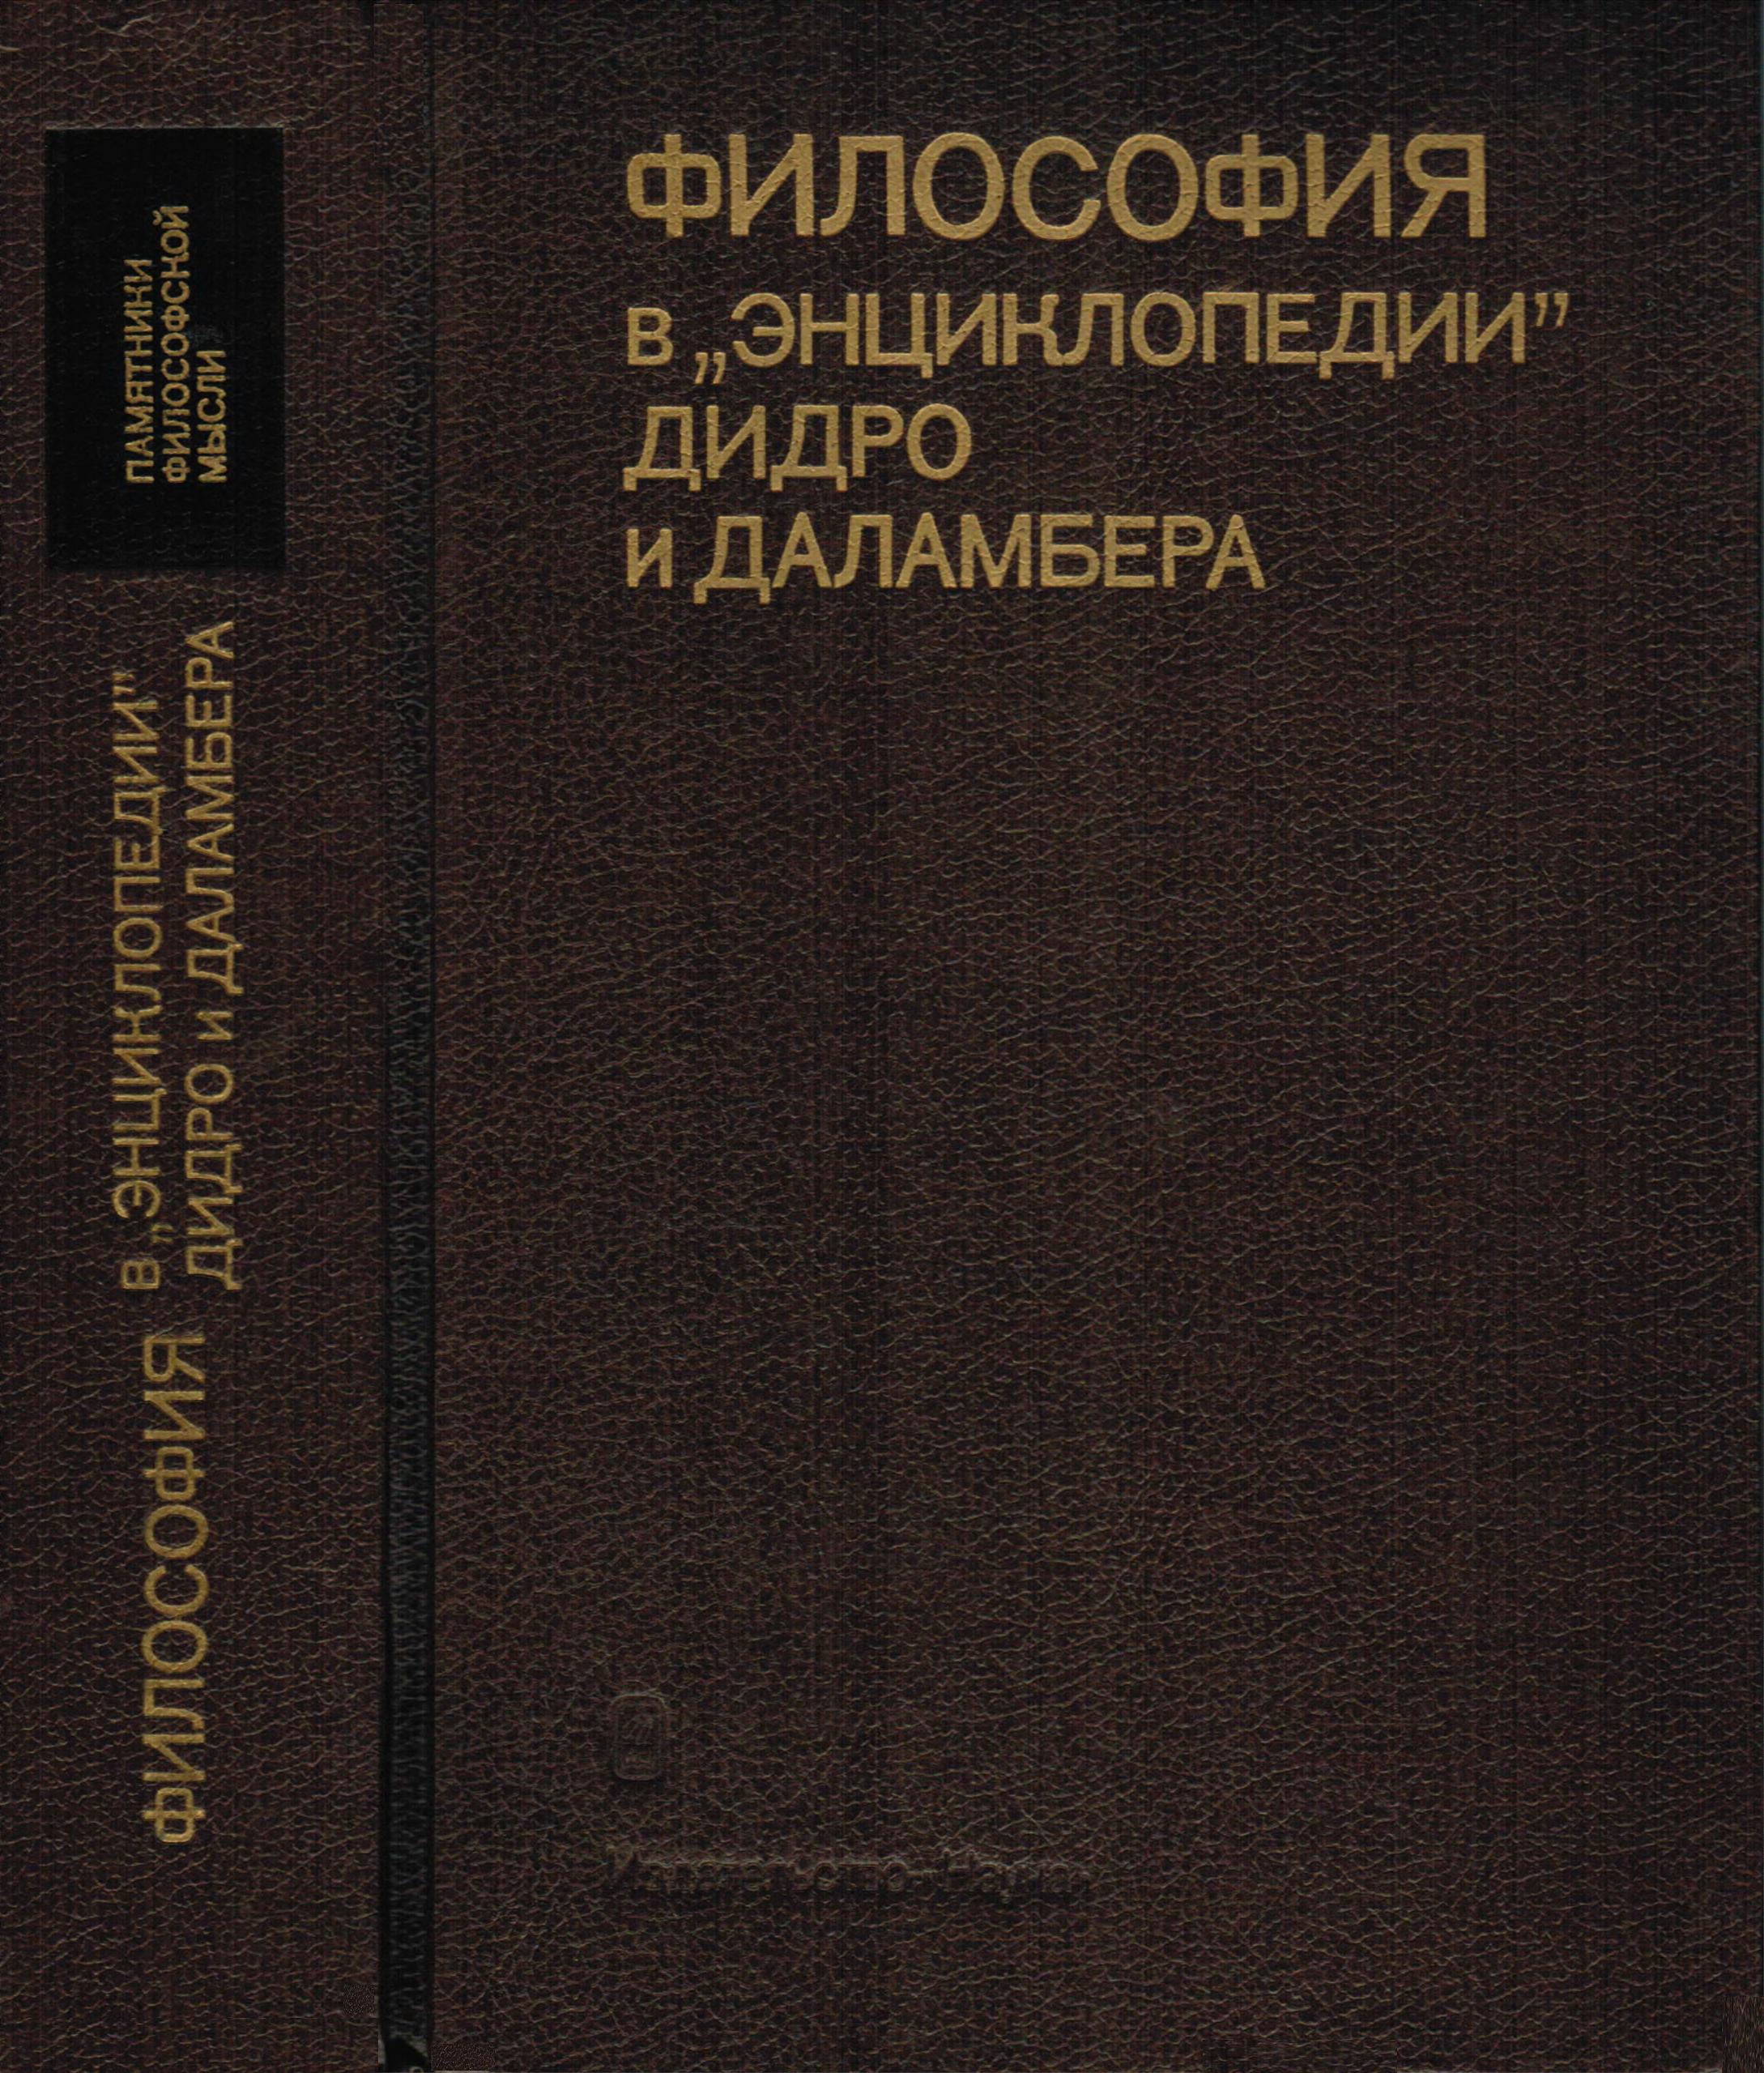 Книгу Кондильяк Трактат Об